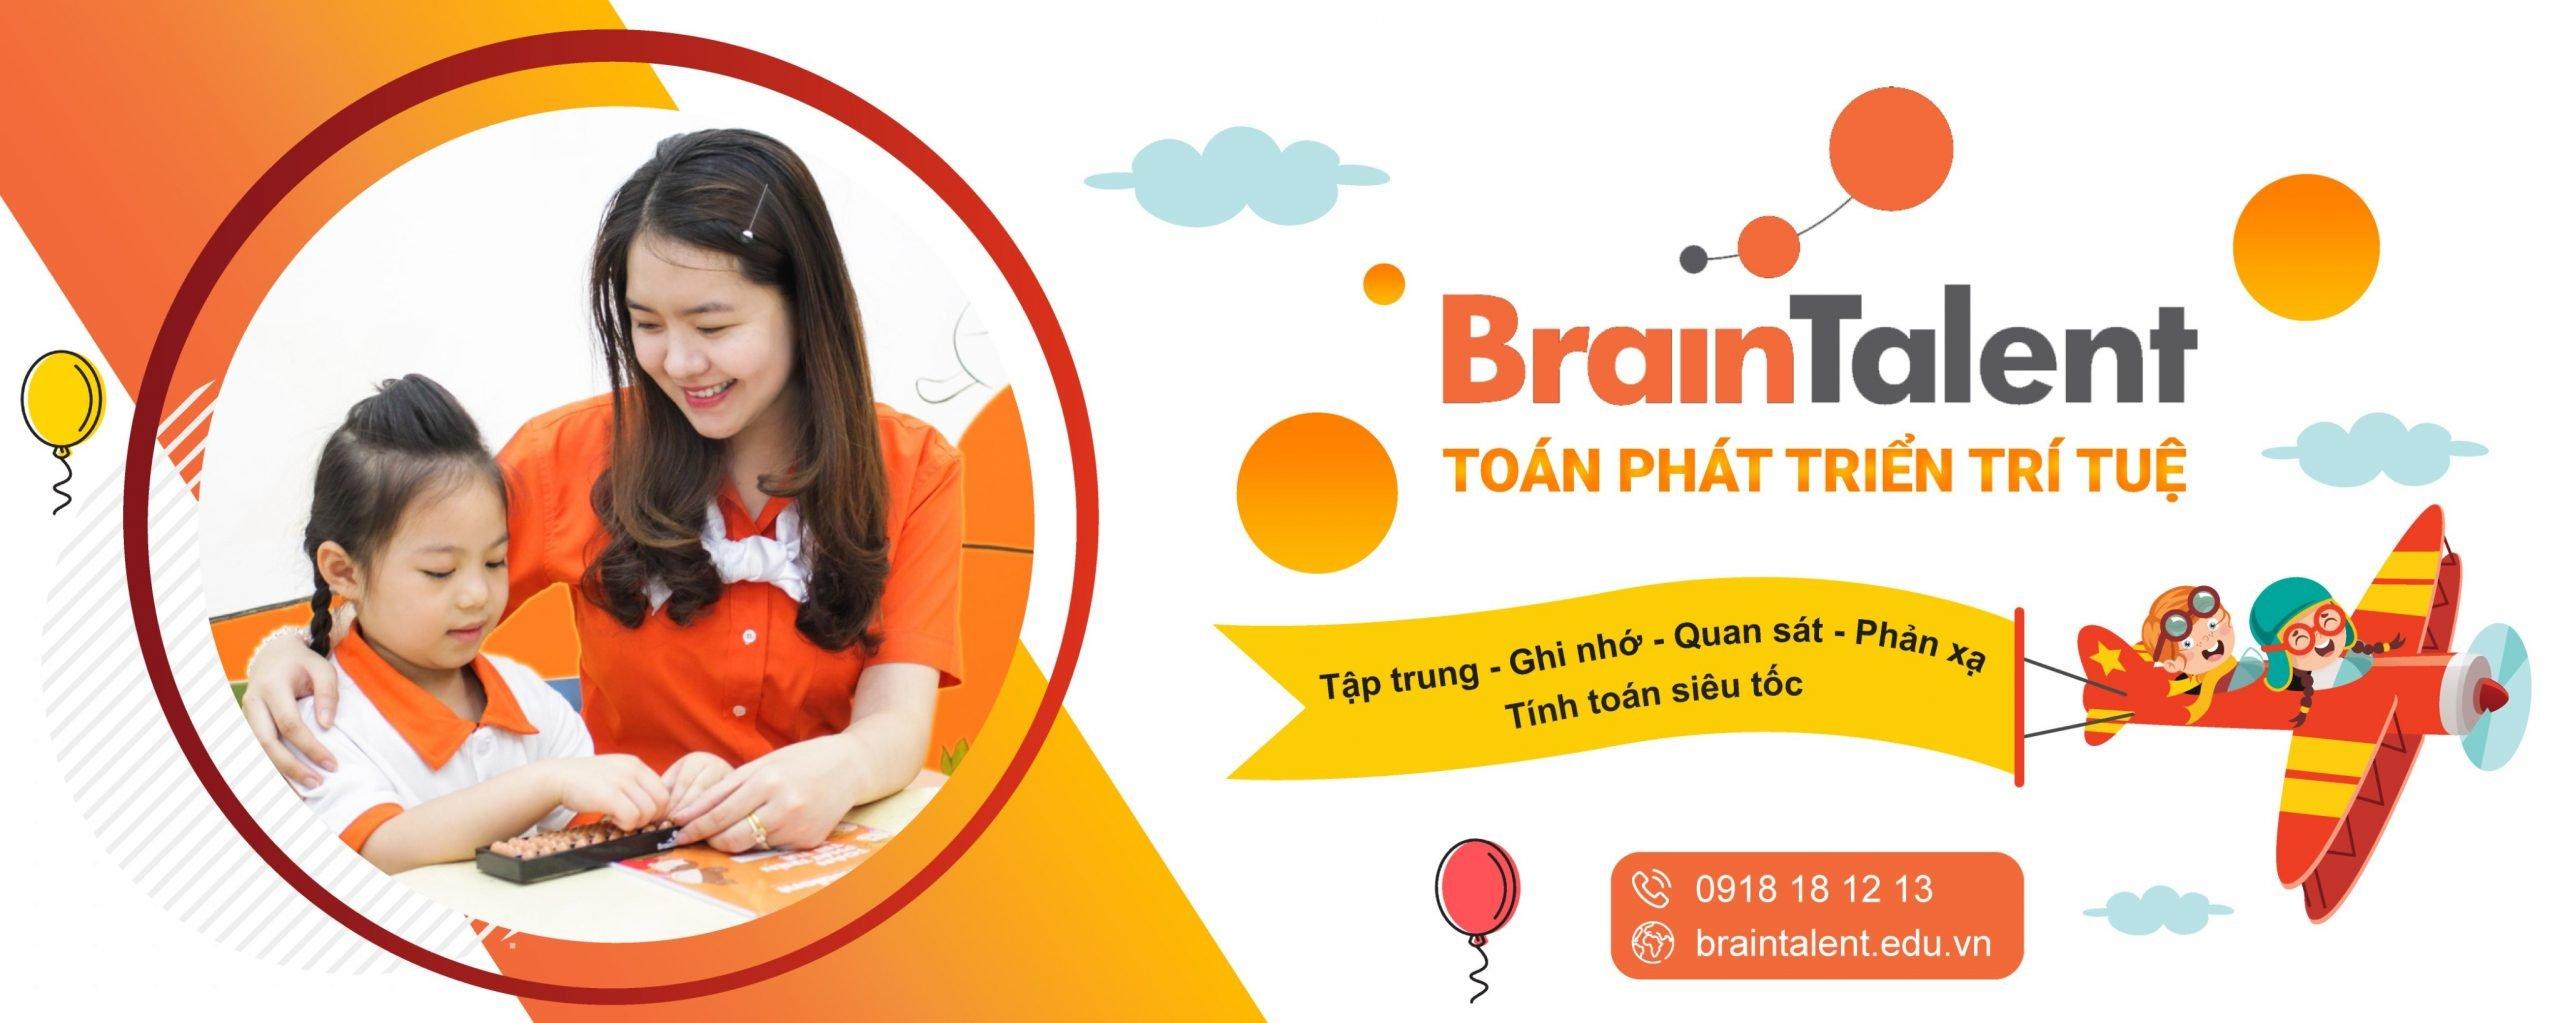 Toán phát triển trí tuệ giúp bé tăng khả năng ghi nhớ